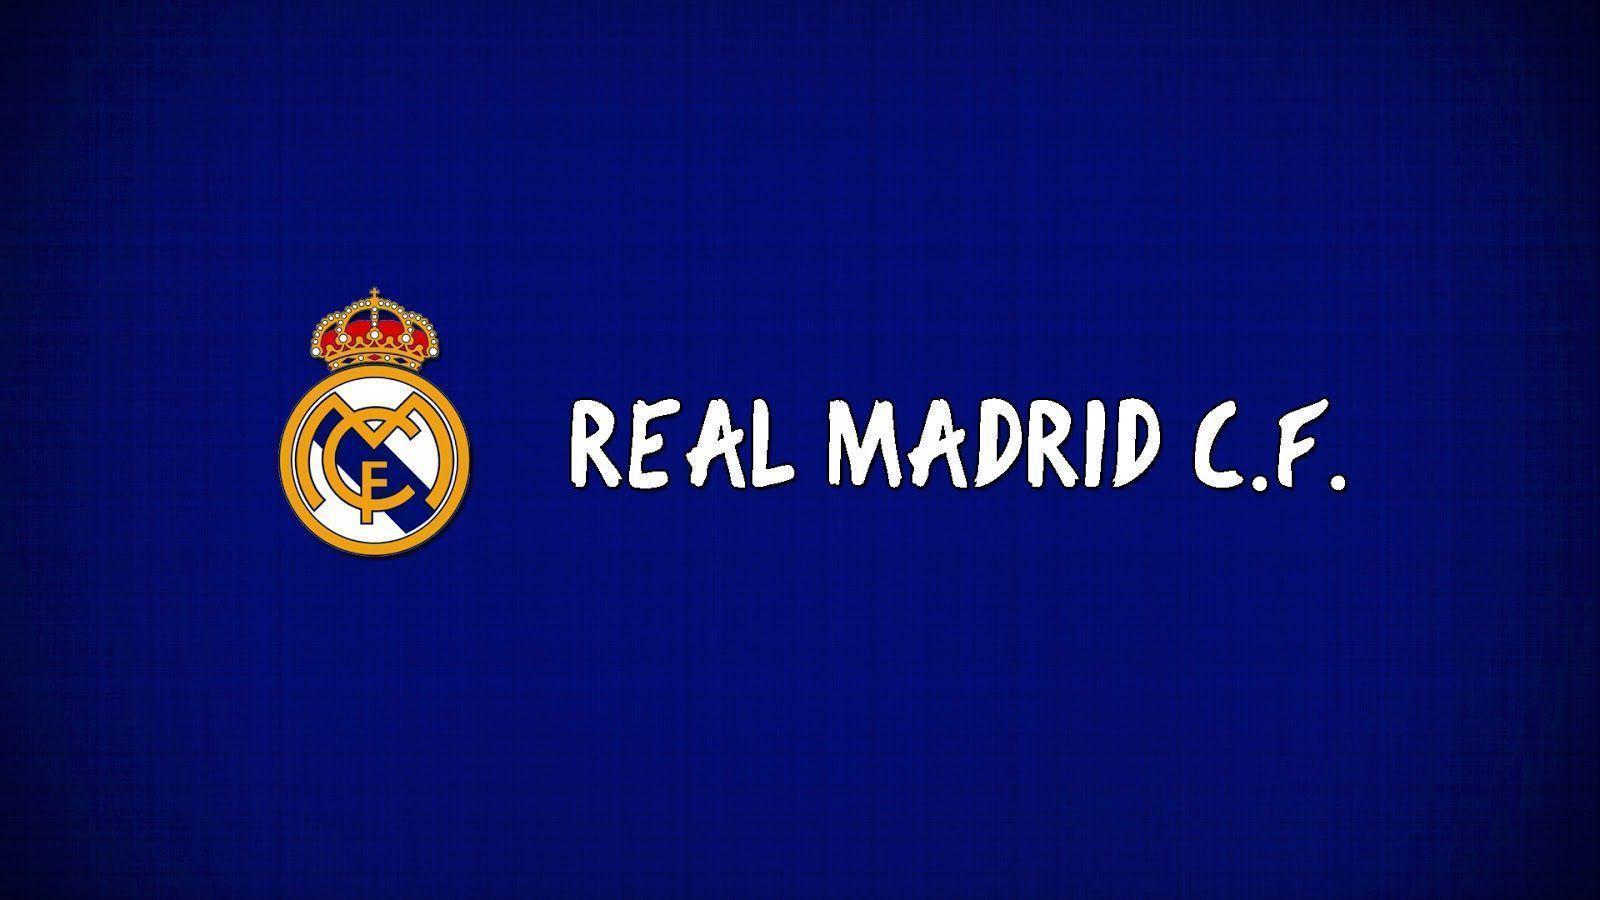 Wallpaper Keren 3d Bergerak Untuk Android Real Madrid Logo Wallpapers 2017 Wallpaper Cave